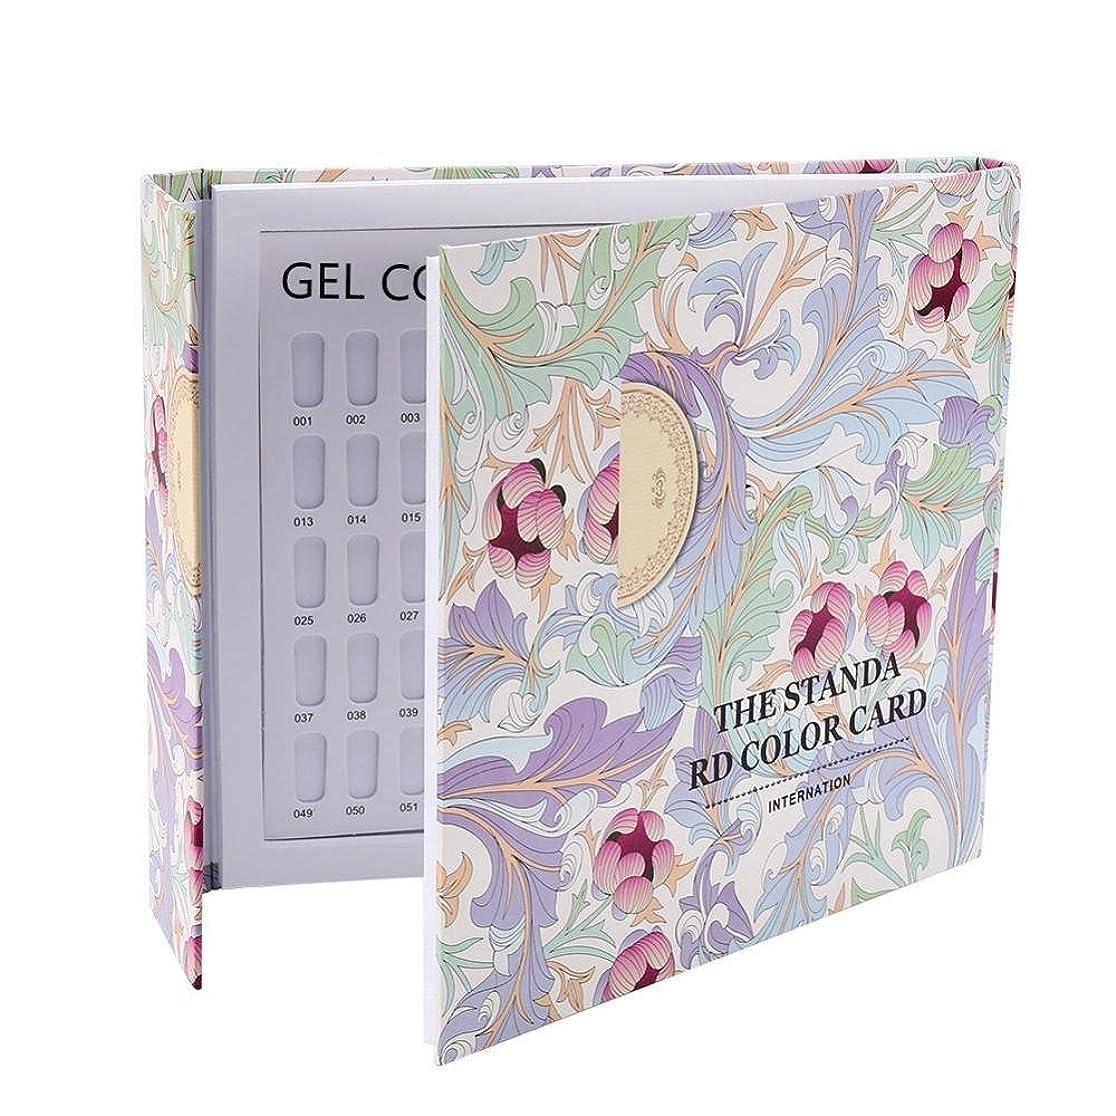 シエスタファン無実カラーチャート ブック - Delaman ネイル 色見本、ブック型 、ジェルネイル、カラーガイド、サンプル帳、120色 (パターンカバー)